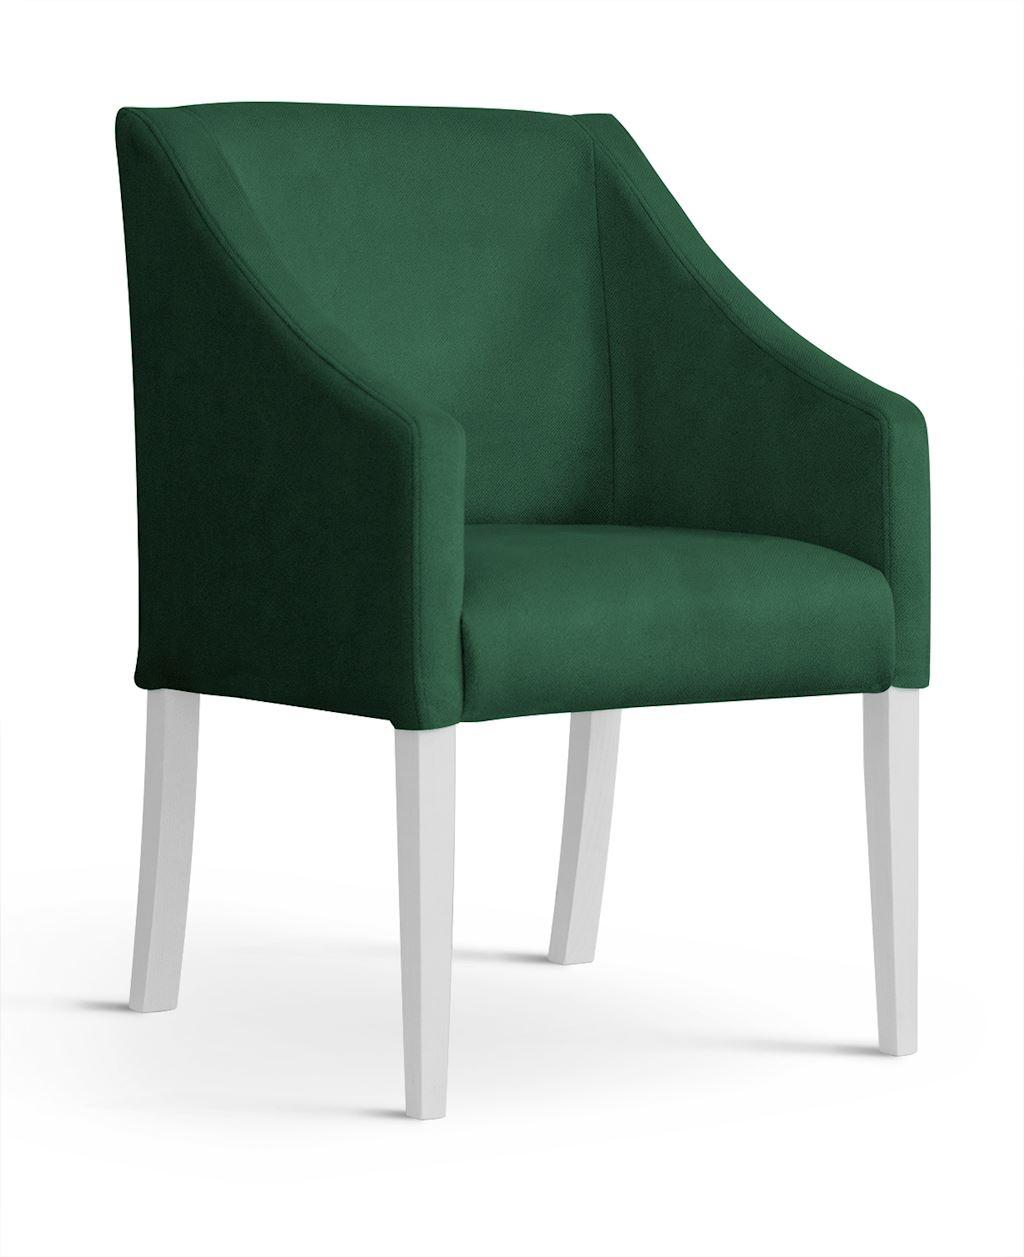 Fotoliu fix tapitat cu stofa, cu picioare din lemn Capri Green / White, l58xA60xH89 cm